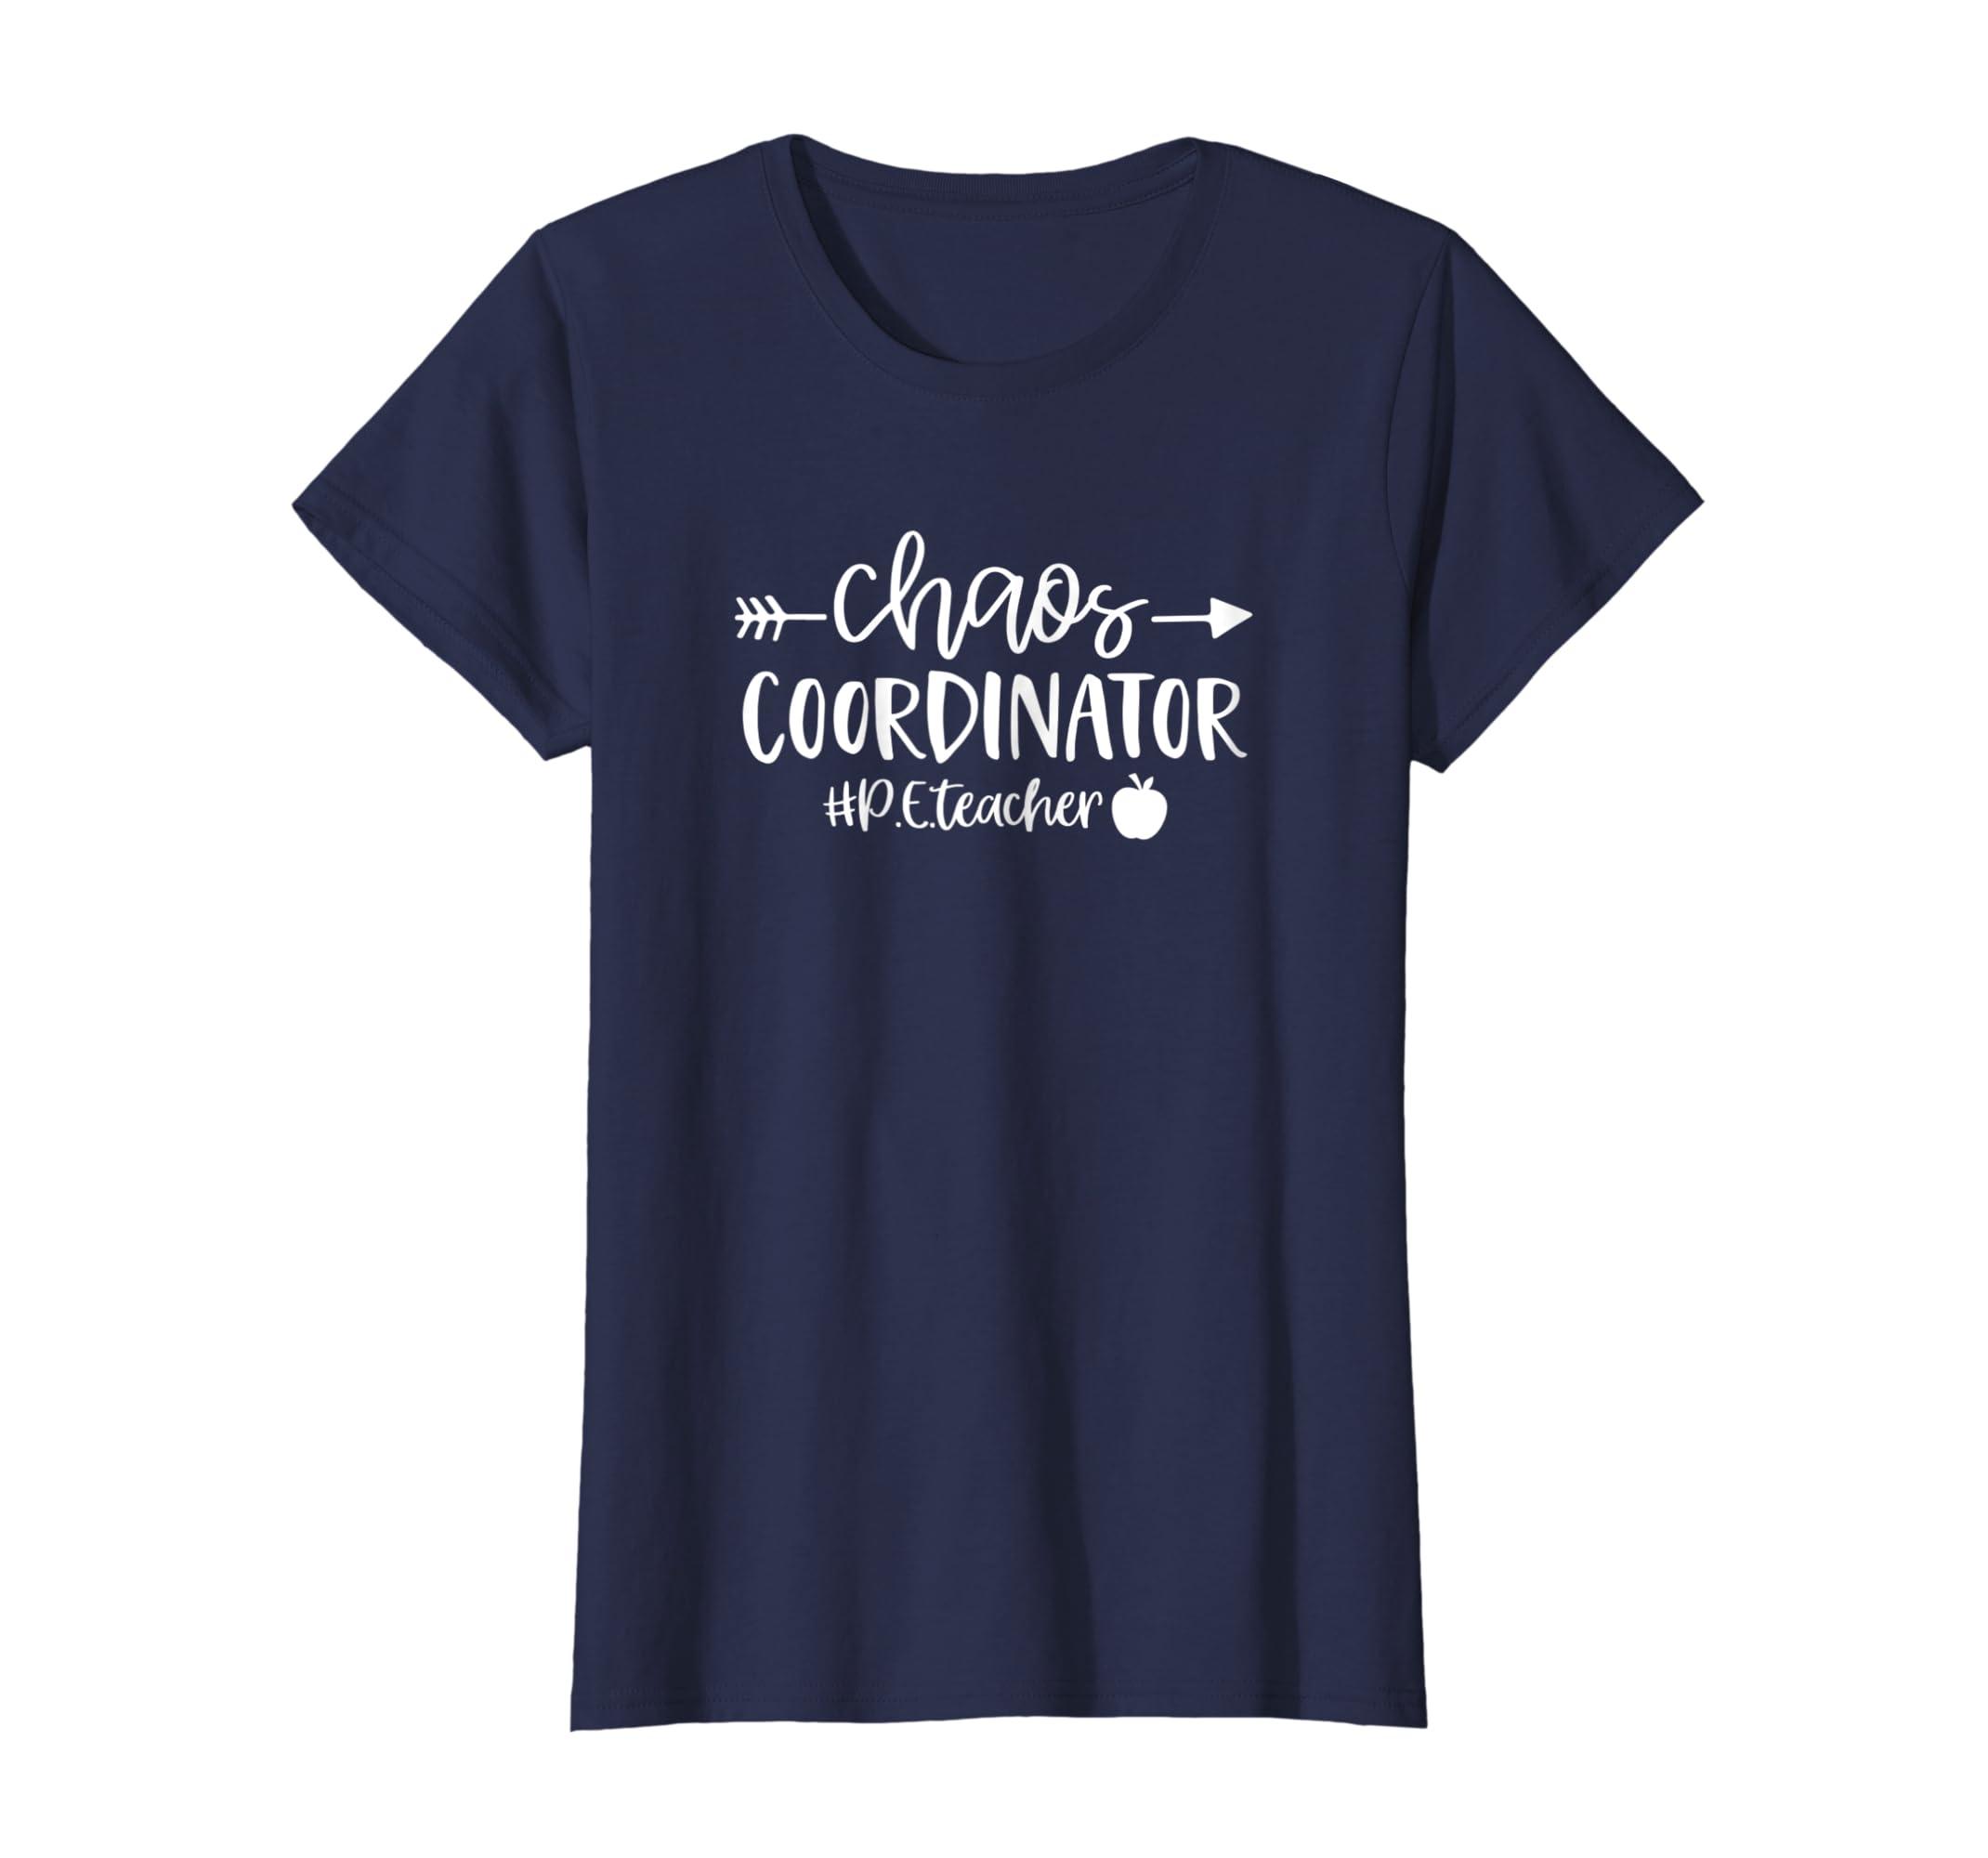 6dd677ac Amazon.com: Chaos Coordinator #PEteacher Teacher T Shirt Men Women Cute:  Clothing